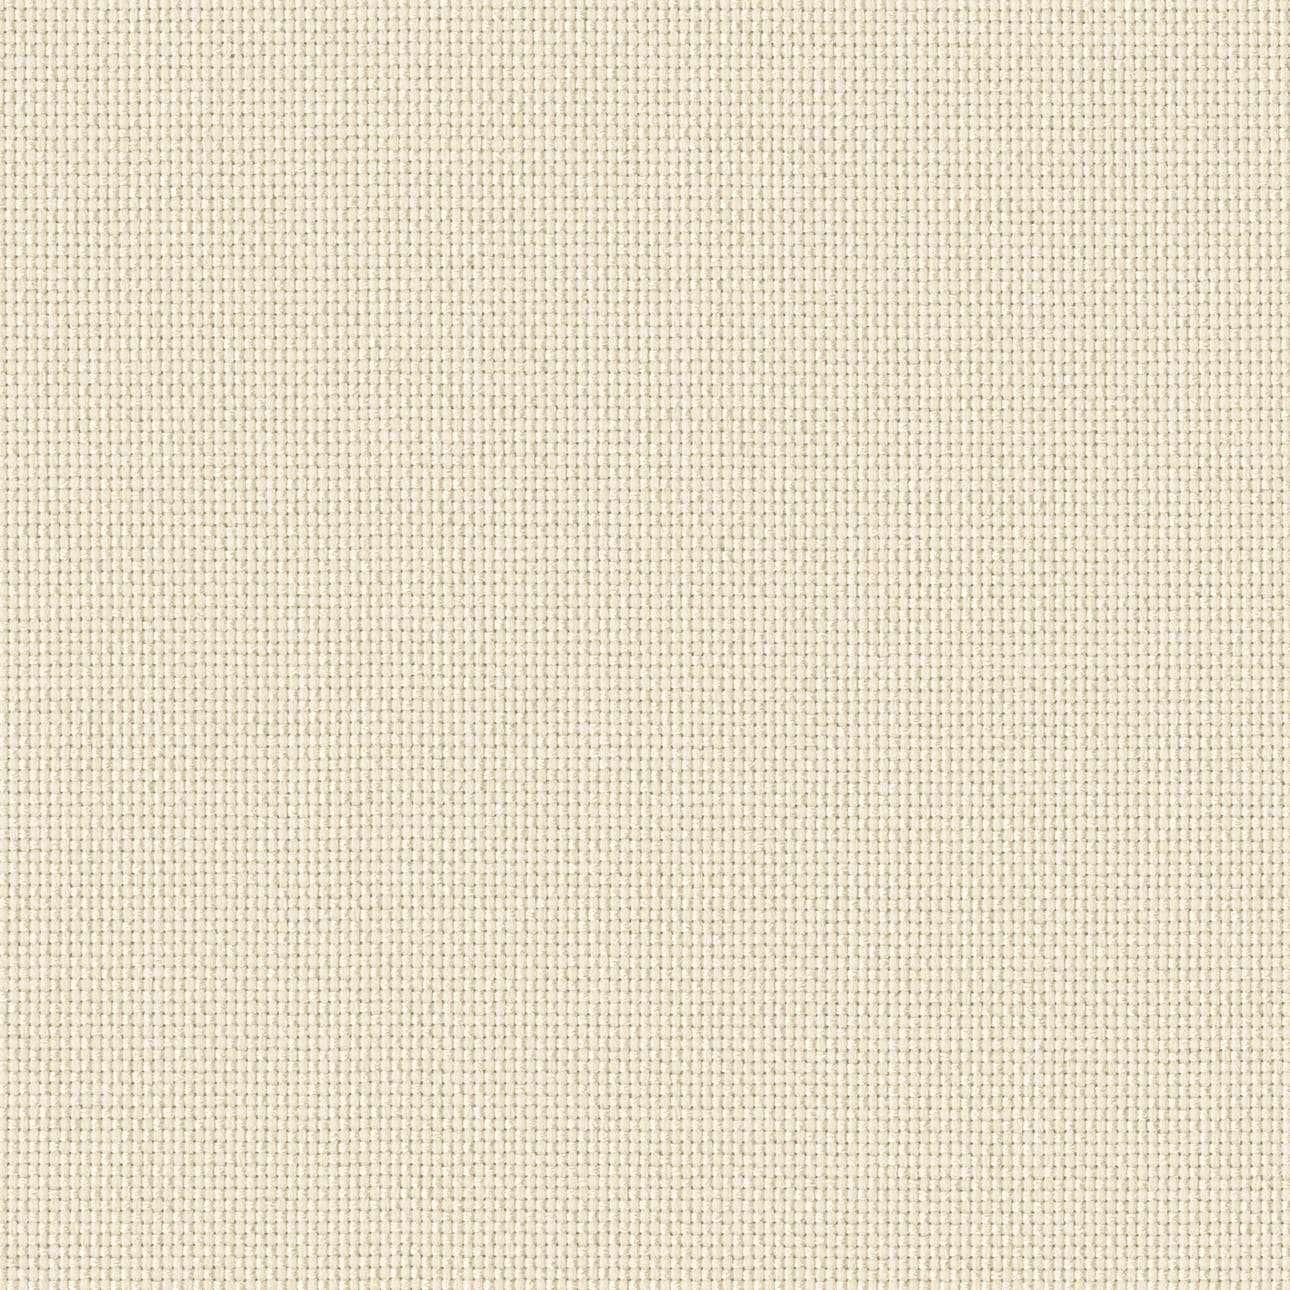 Bezug für Beddinge Sofa, lang von der Kollektion Living, Stoff: 161-48